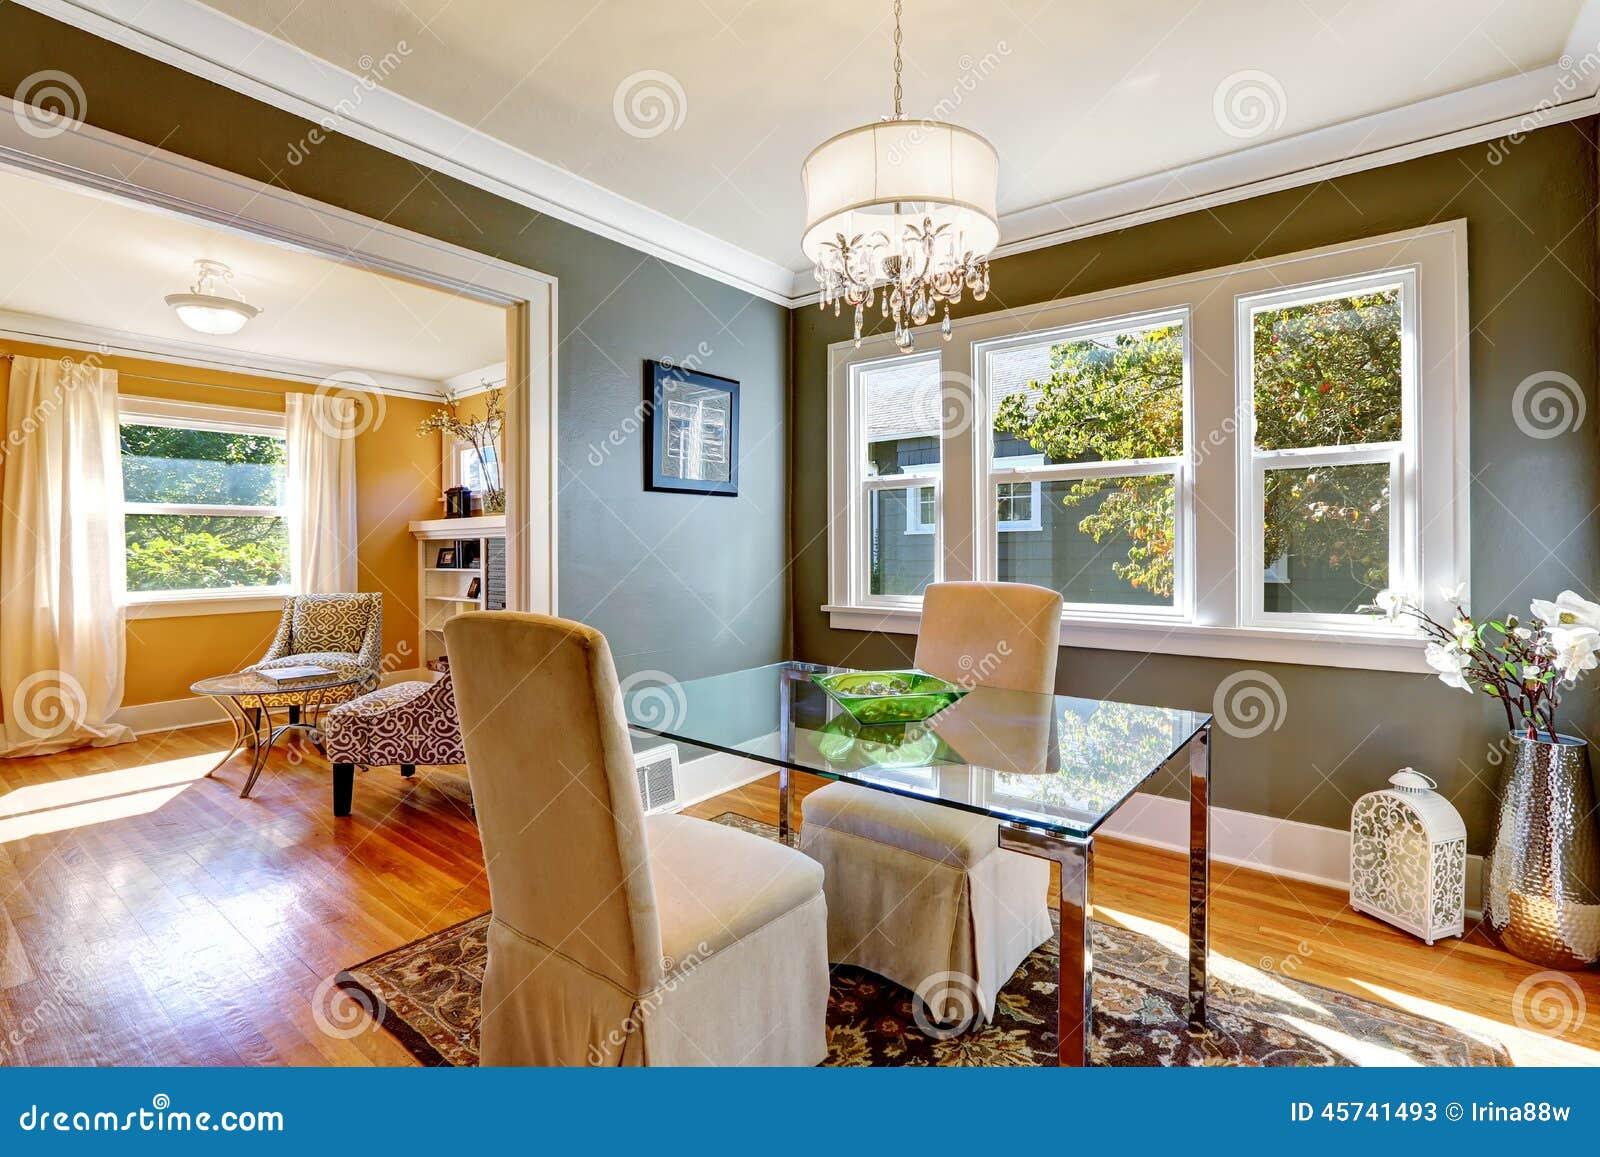 Tavoli Sala Da Pranzo In Legno : Tavolo e sedie sala da pranzo. amazing sala da pranzo con tavolo e